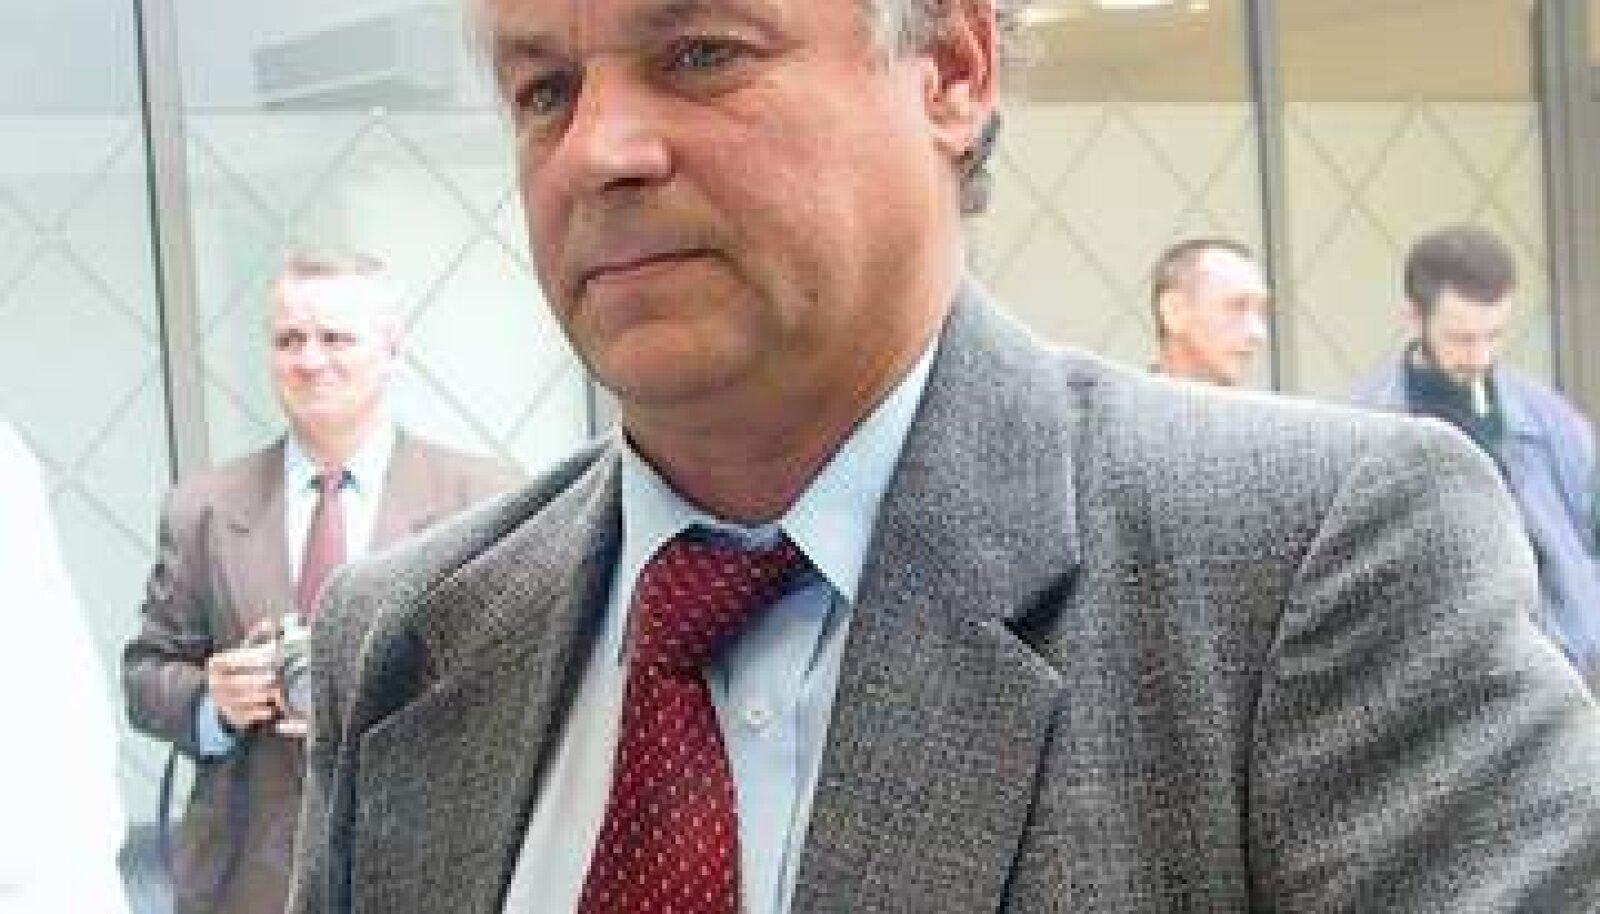 Nikolai Maspanov